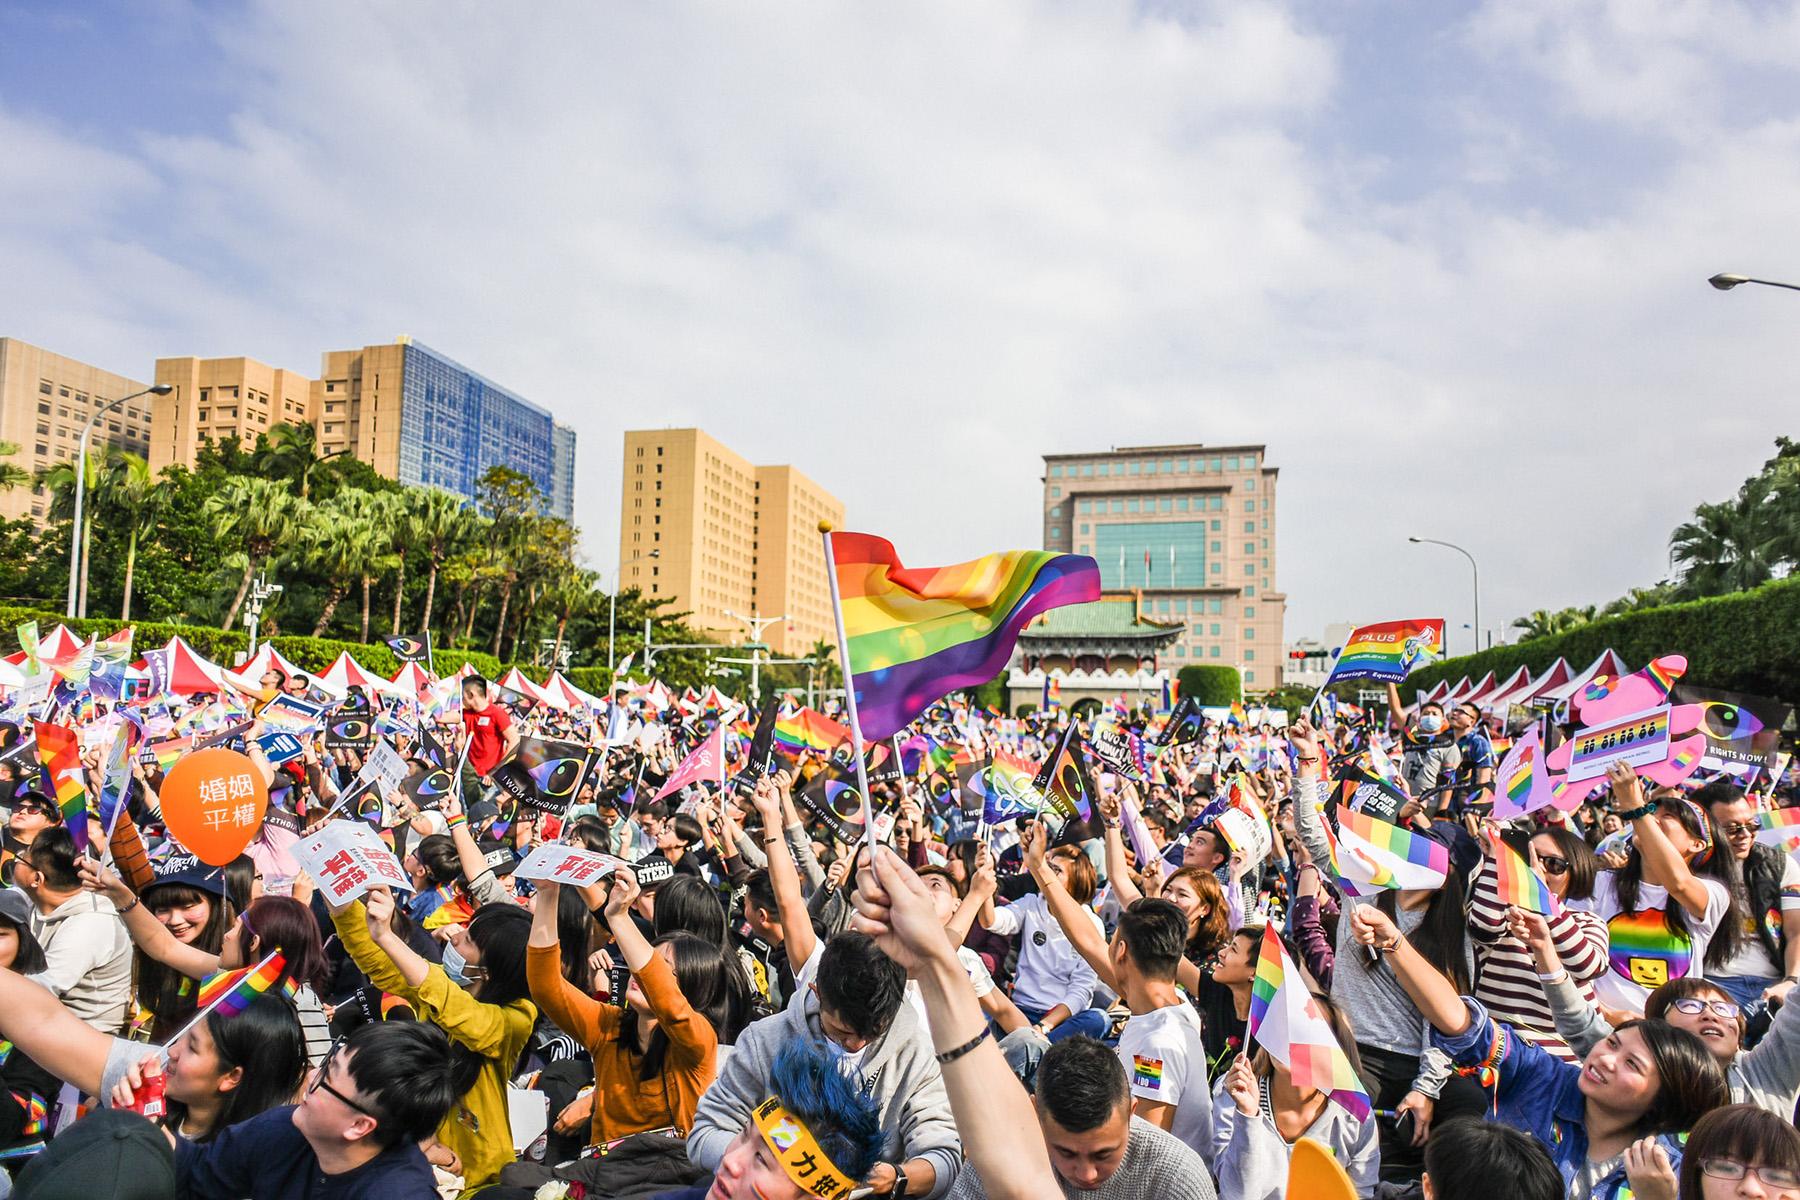 Taipei same-sex marriage rally